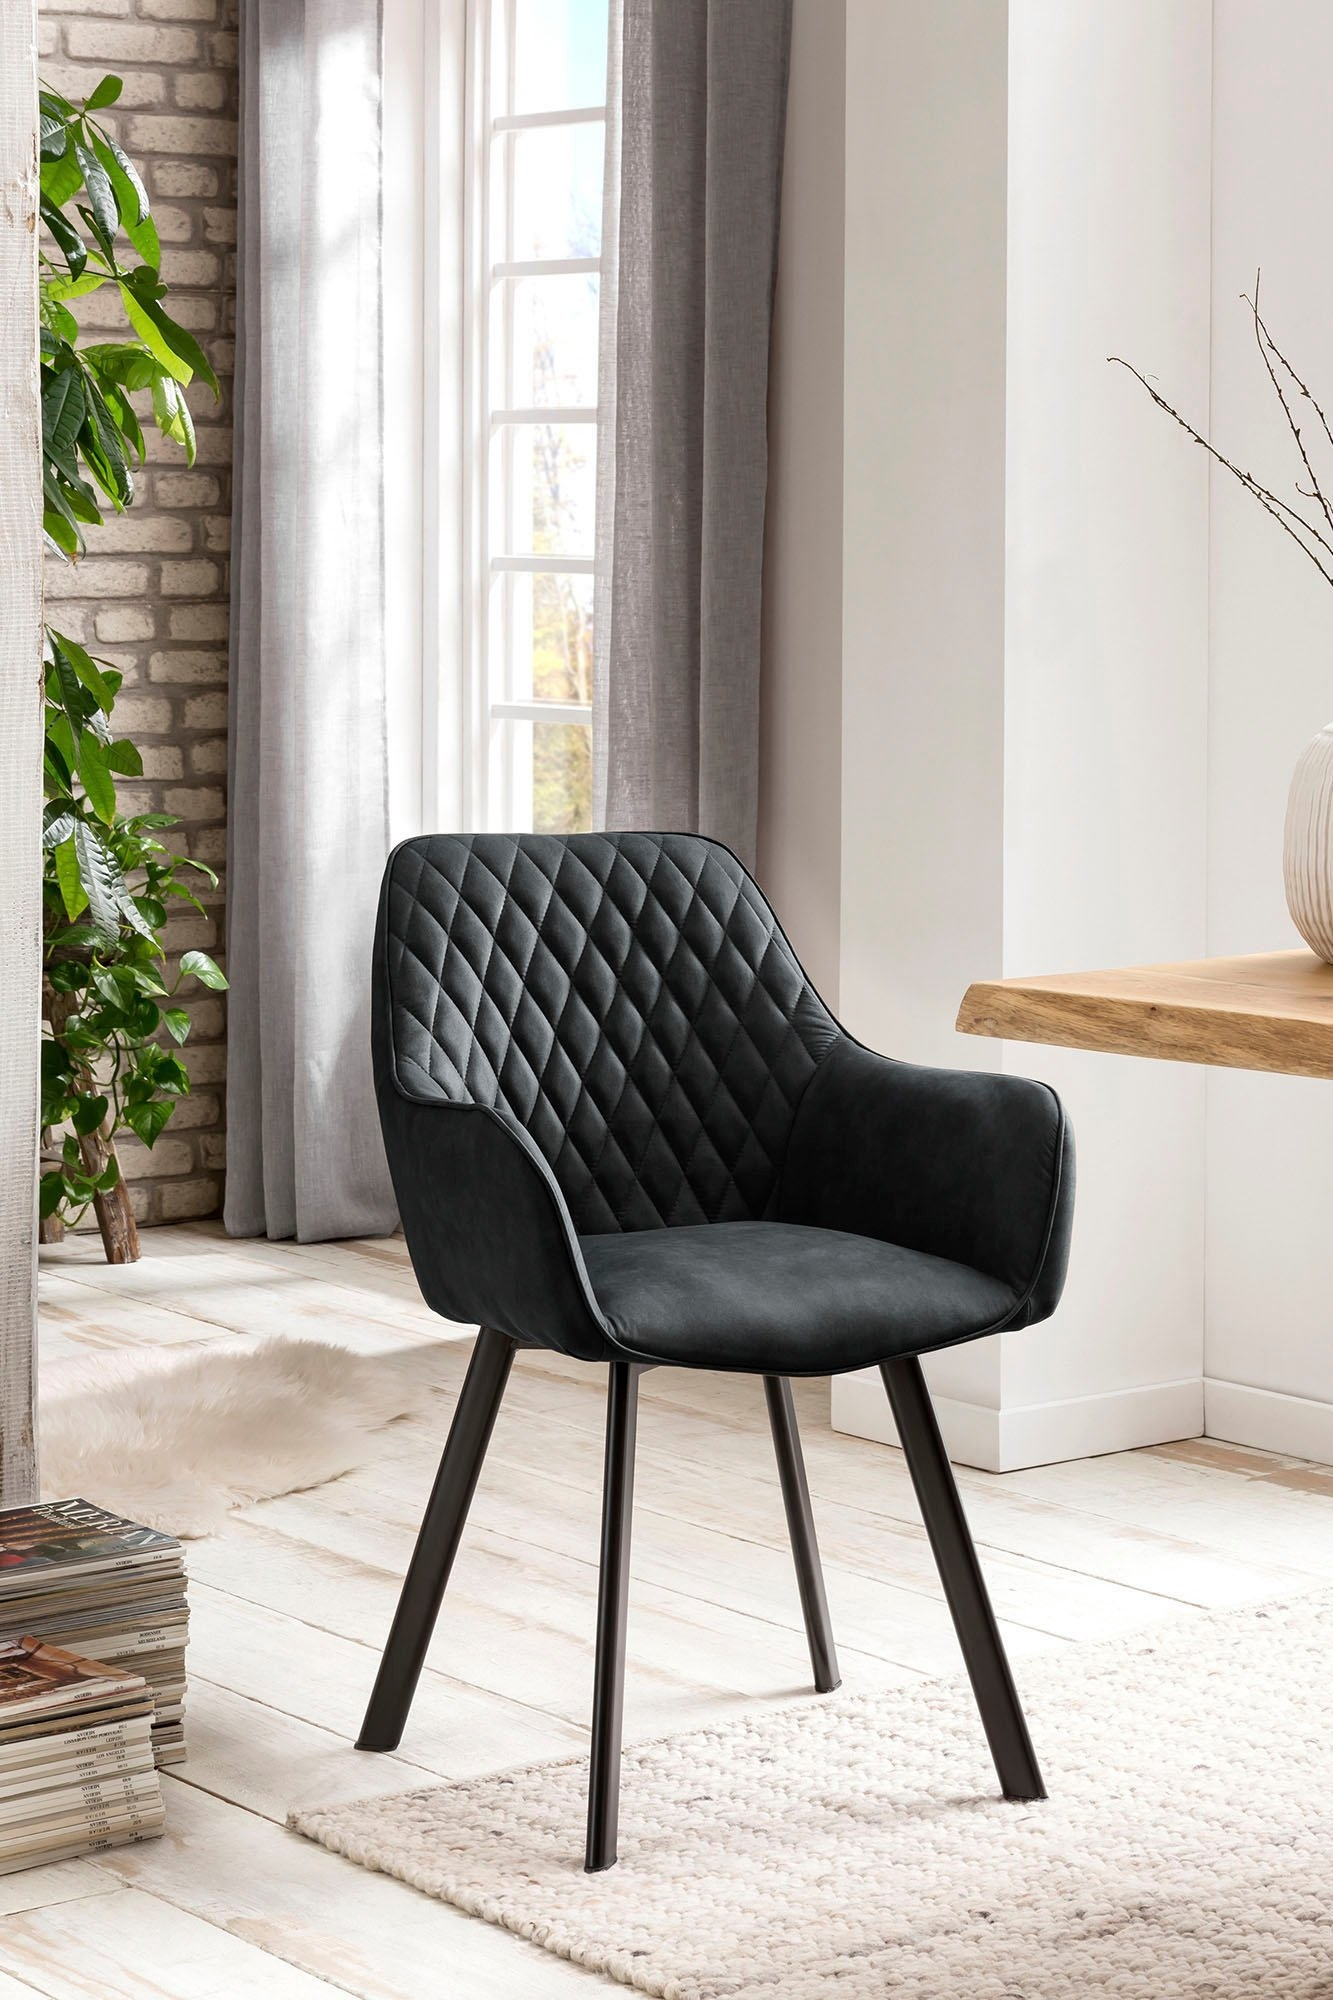 SalesFever stoel met armleuningen Rugleuning met ruitstiksel (set, 2 stuks) nu online kopen bij OTTO